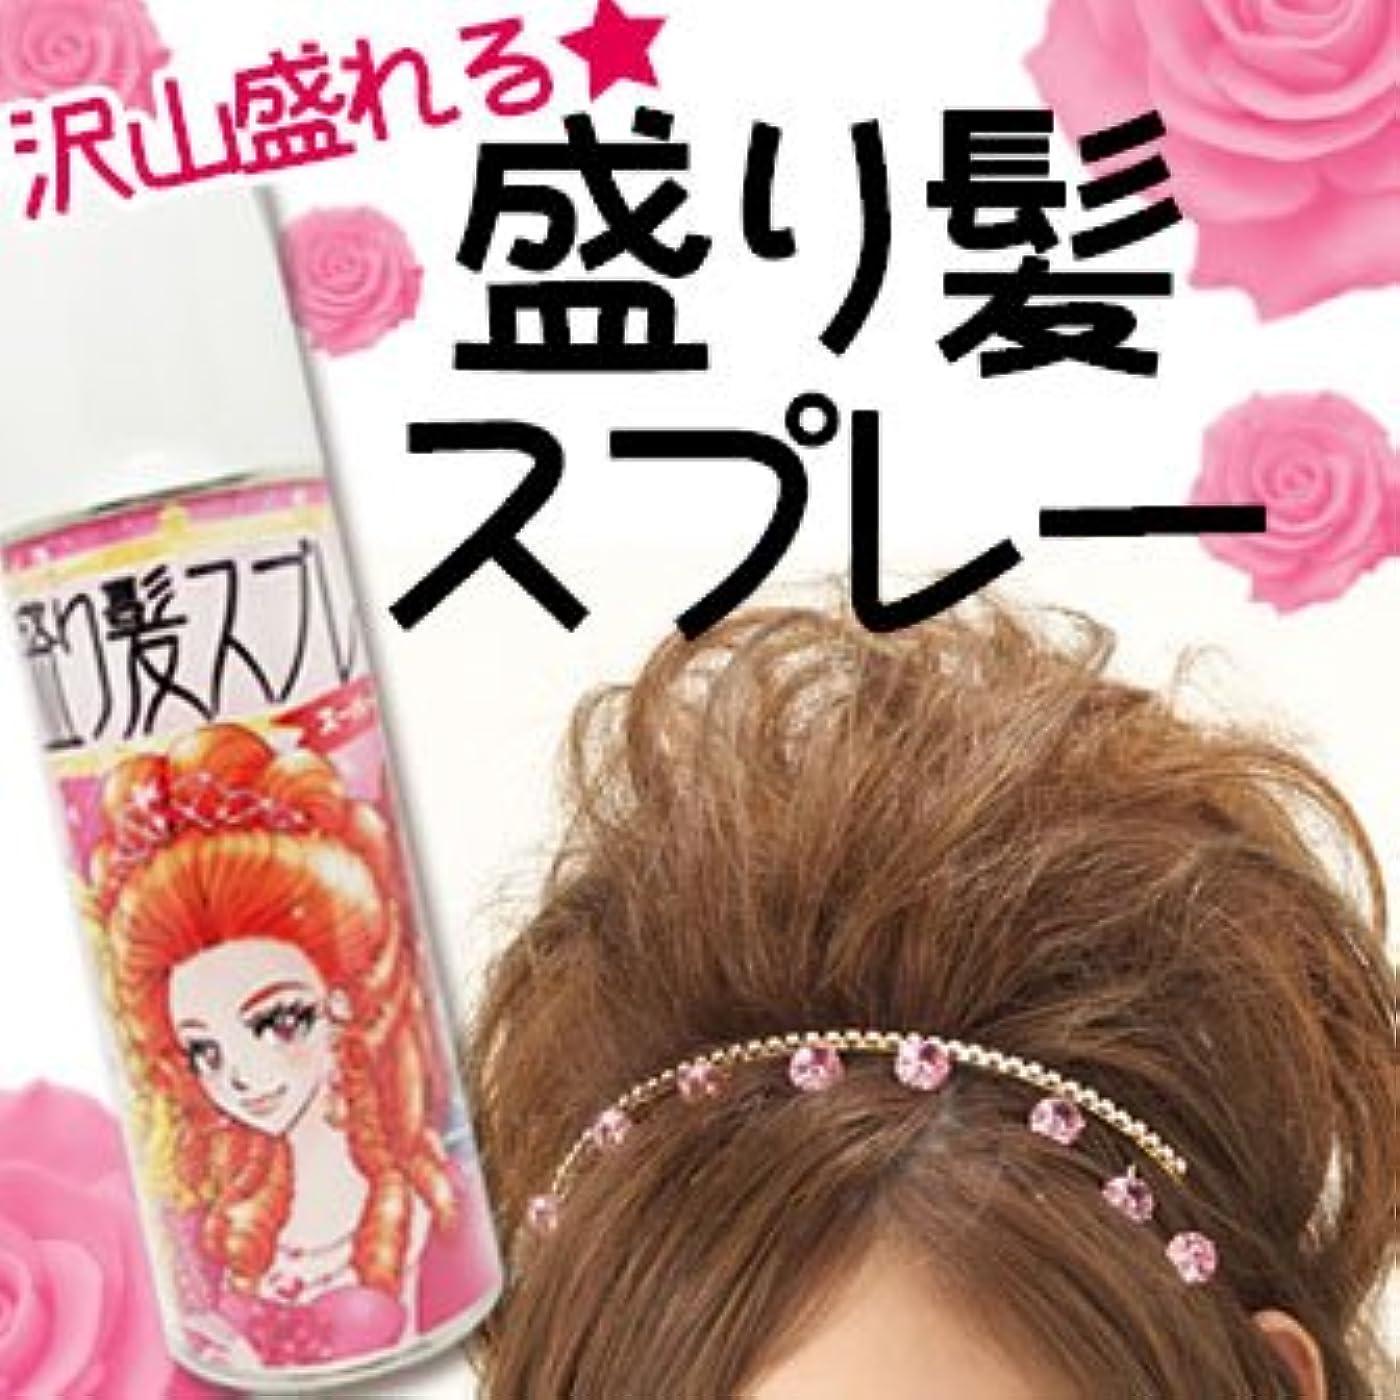 贅沢なプット汚物盛り髪 スプレー スーパーハード 無香料 (大容量 260g)